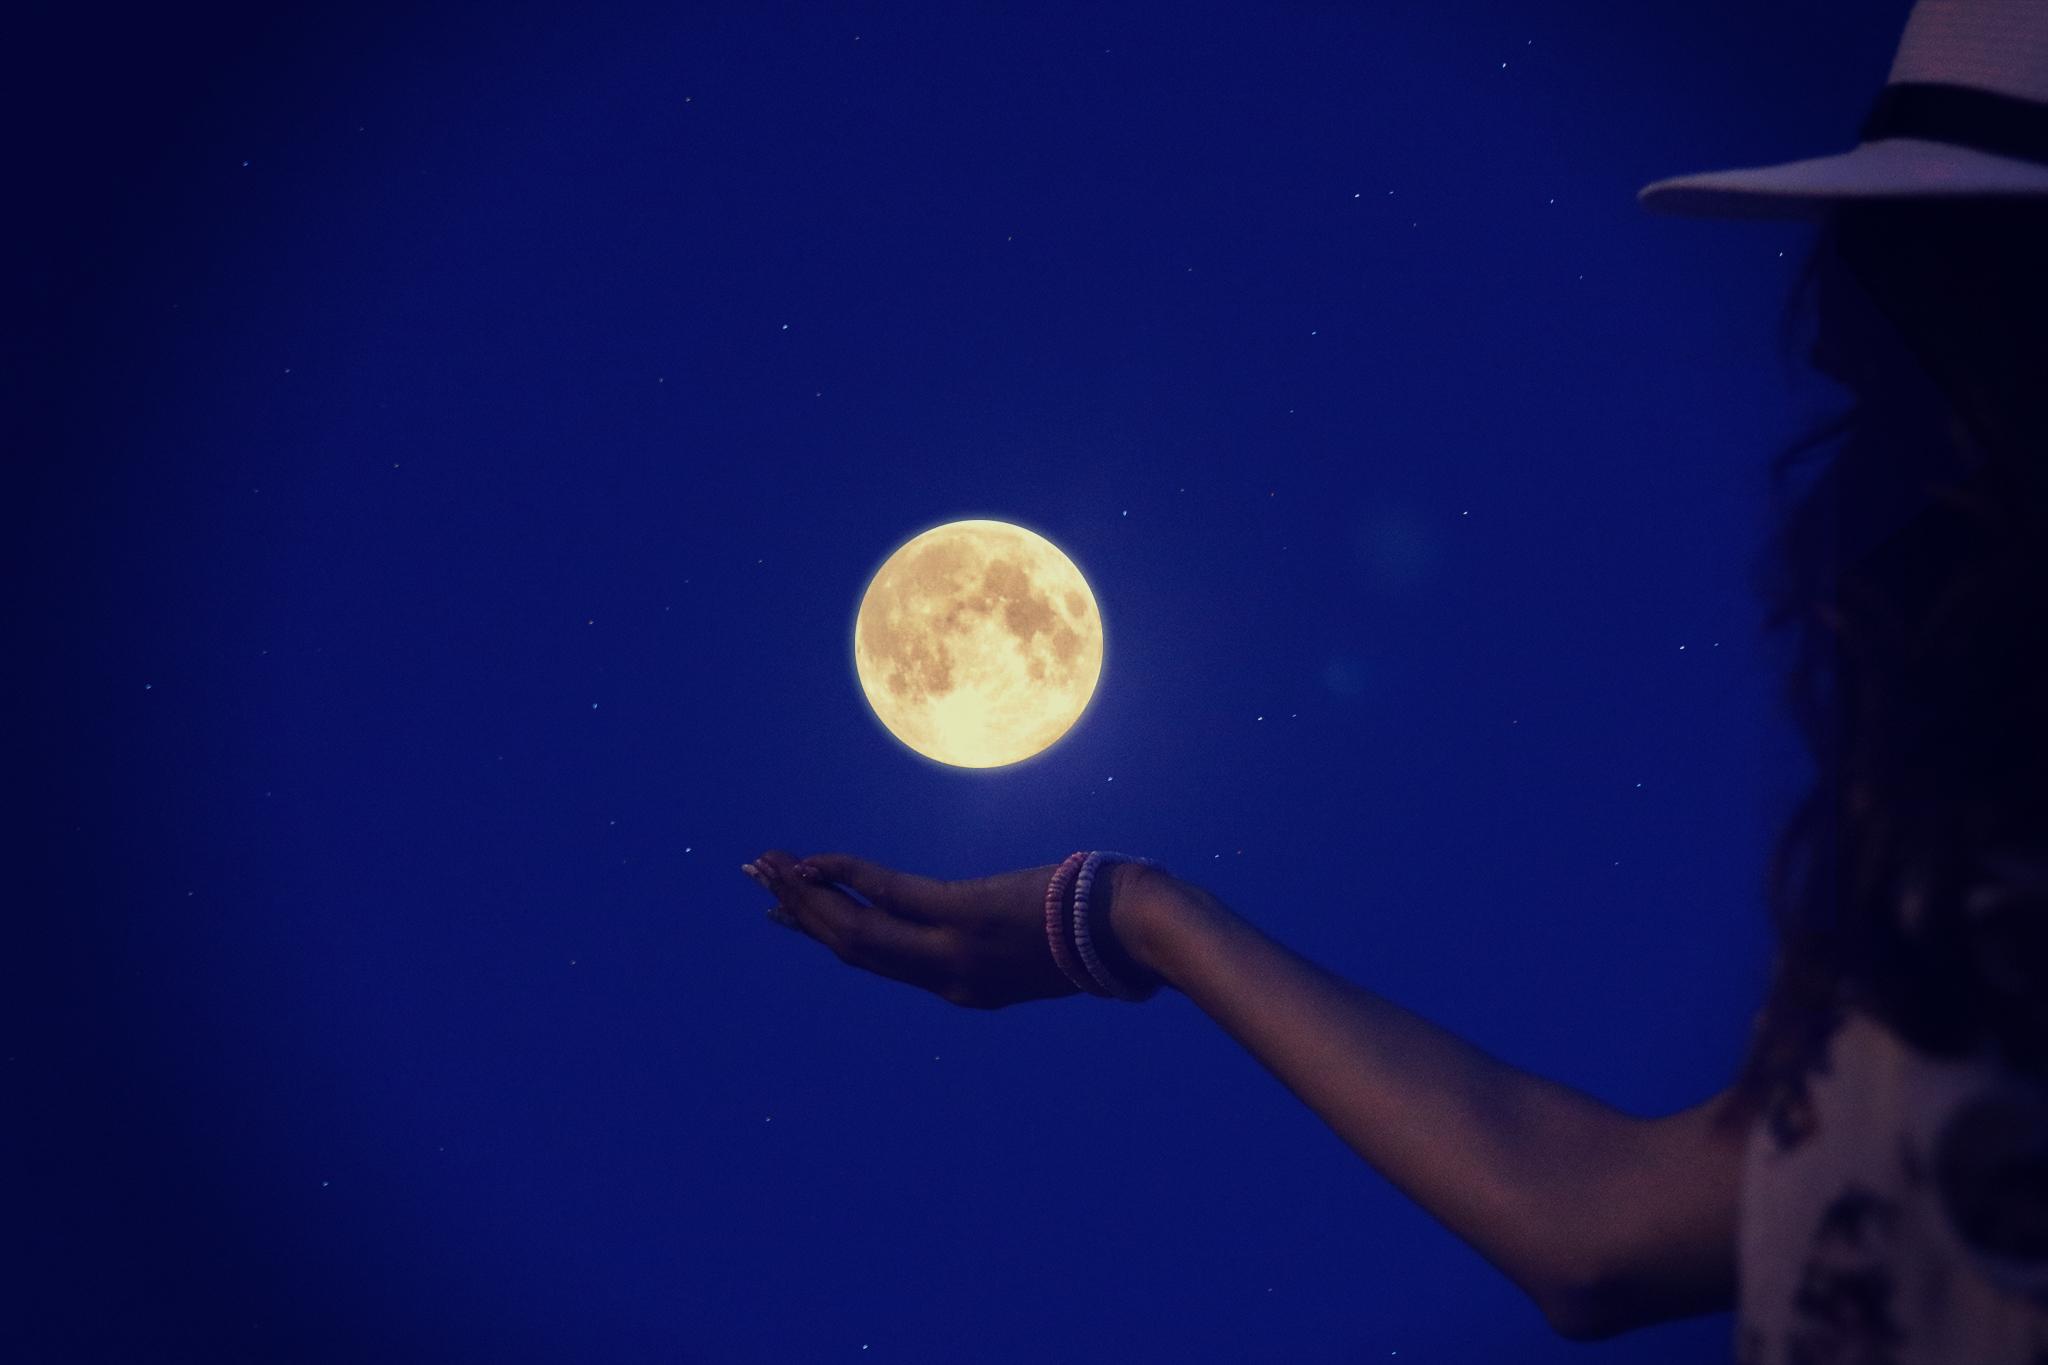 2018年『9月25日』から48時間『9月27日』まで♪おひつじ座満月デトックスDAY★【手放す満月】で幸福を呼び込む!新月ワークの振り返りも♪【カルロッタの満月ワークおまじない】